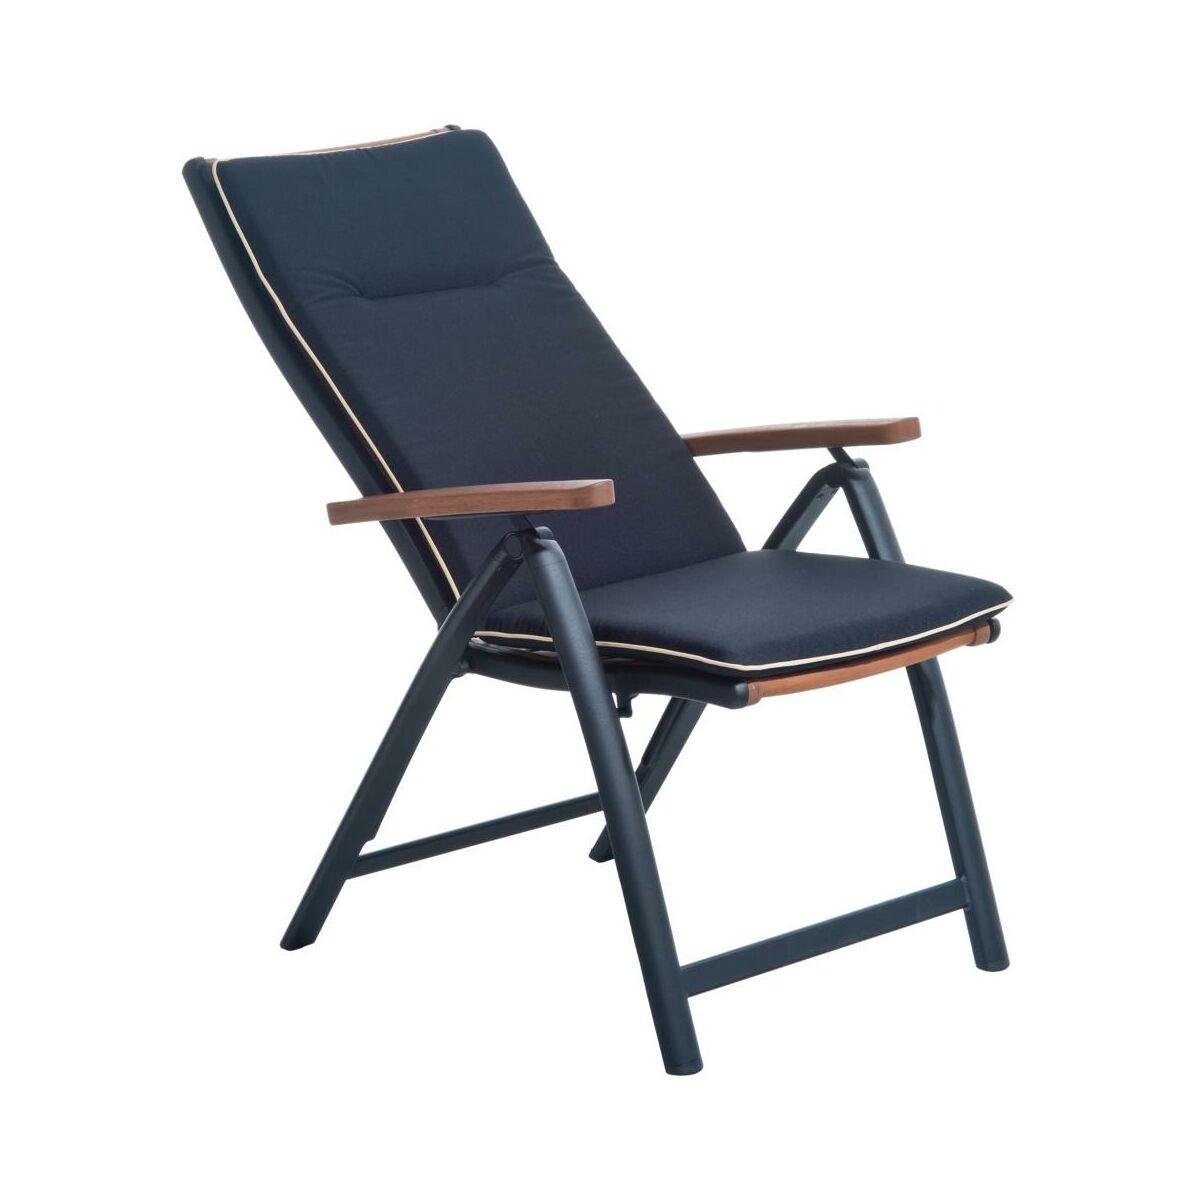 ogrodzie Meble ogrodowe Serie mebli ogrodowych Krzesło ogrodowe CORAL[R